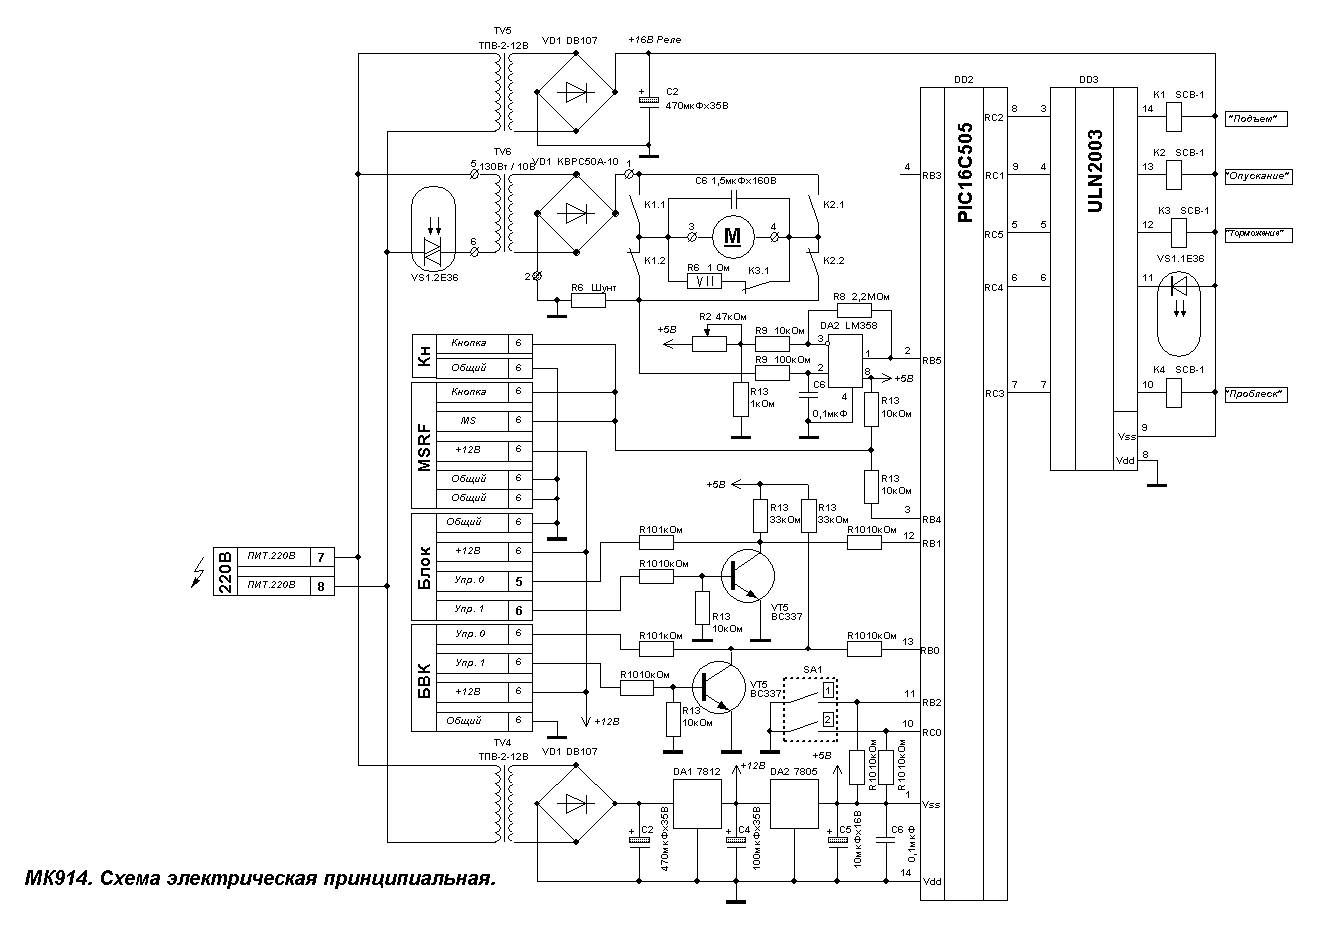 Принципиальная электрическая схема электрических ворот